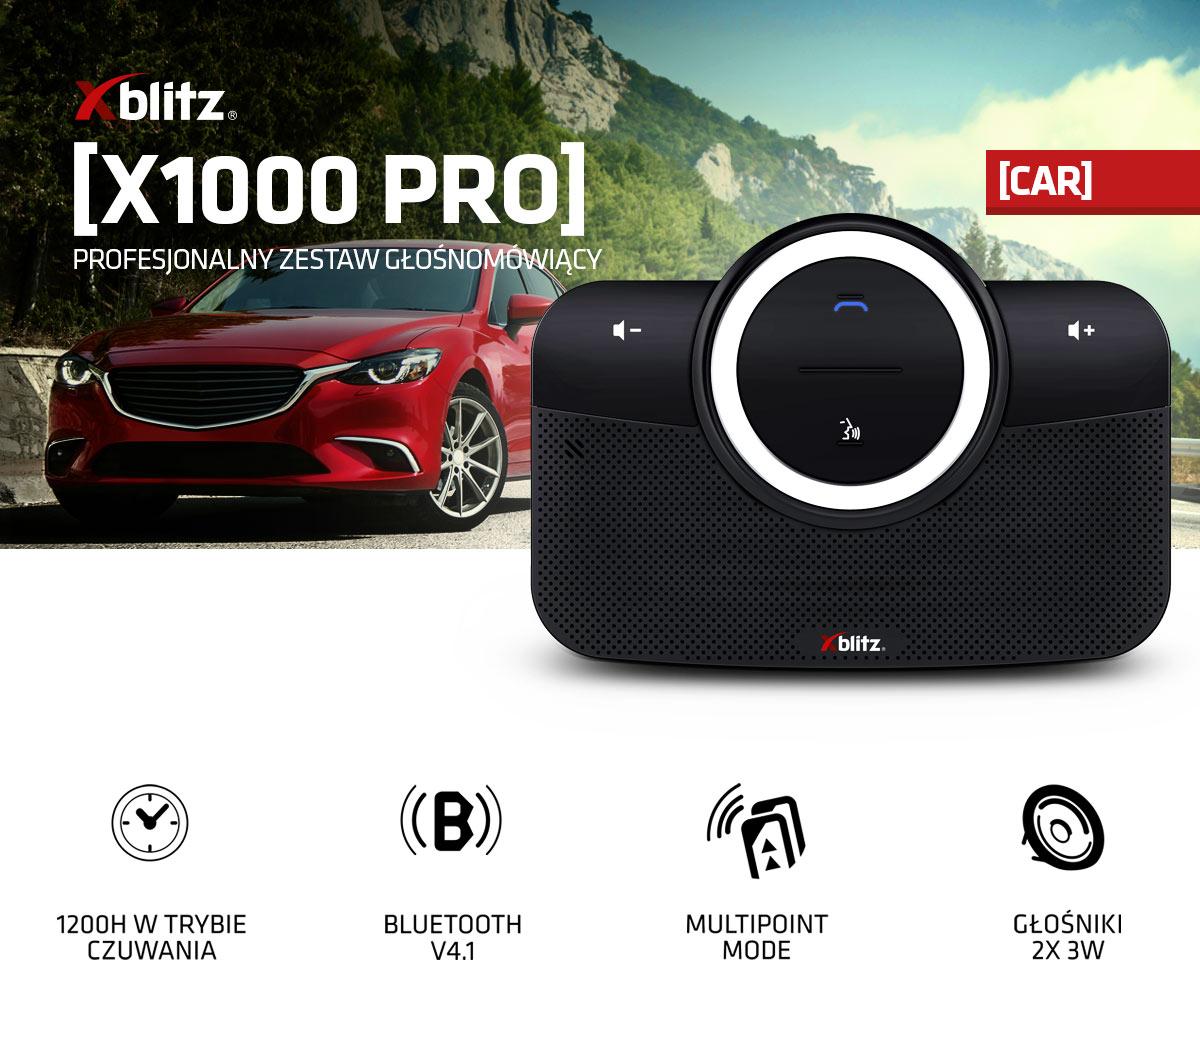 Zestaw głośnomówiący Xblitz X1000, BT 4.1, stereo, 16h rozmów/1200h czuwania